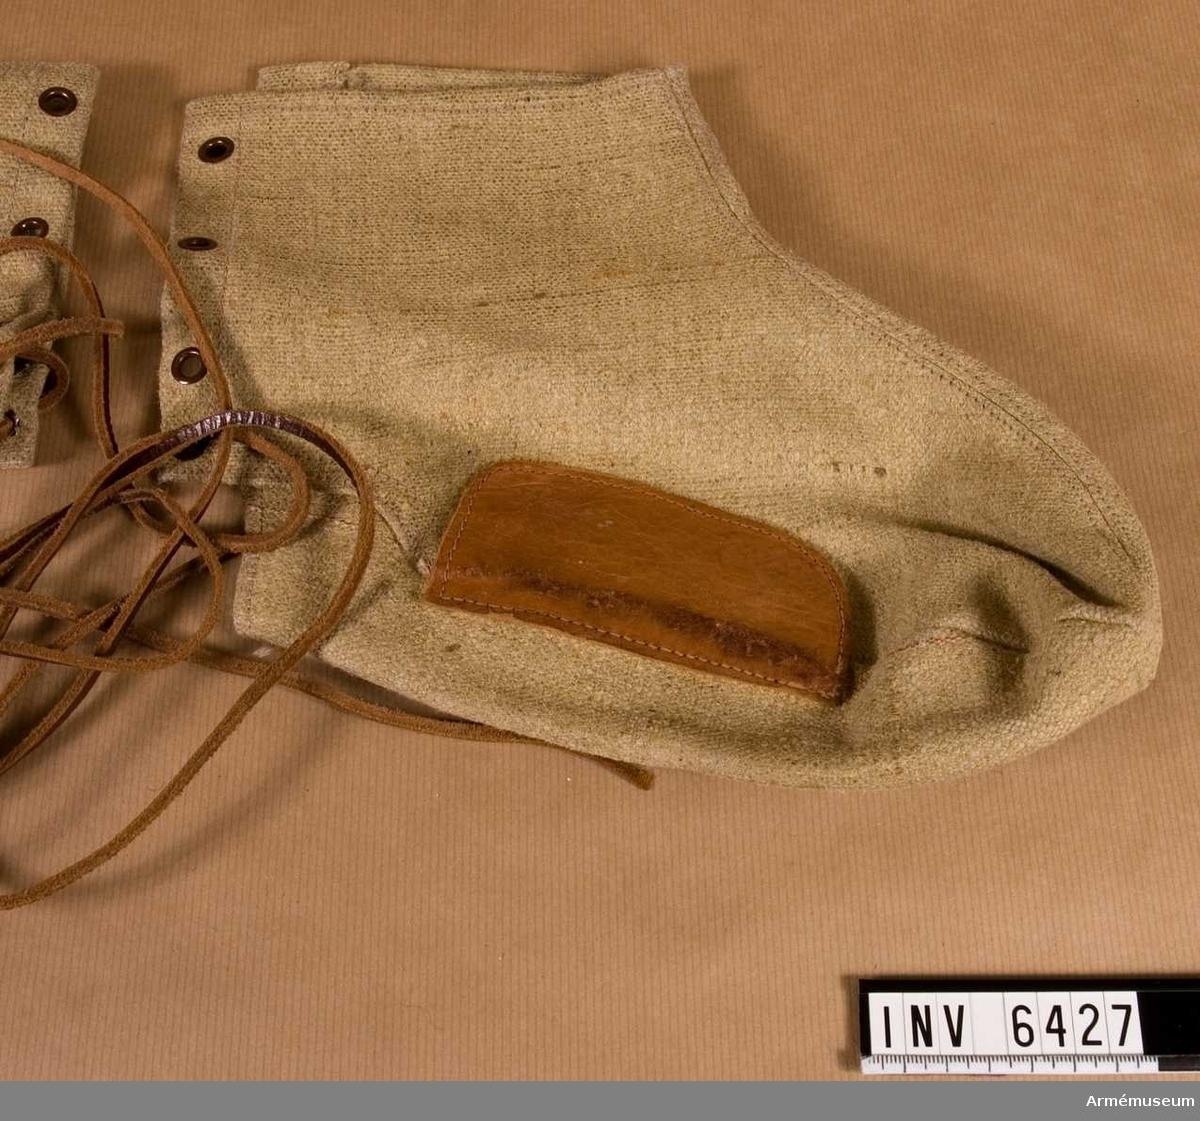 Fodral av smärting. Stl 44. Att sätta utanpå skodon som skydd mot otjänlig  väderlek. Ihopsnöres baktill genom fyra öljetterade hål med snören av läder. På sulans yttersidor extra förstärkning av läder.  Samhörande nr är AM.6407-6443 (6426-6427)